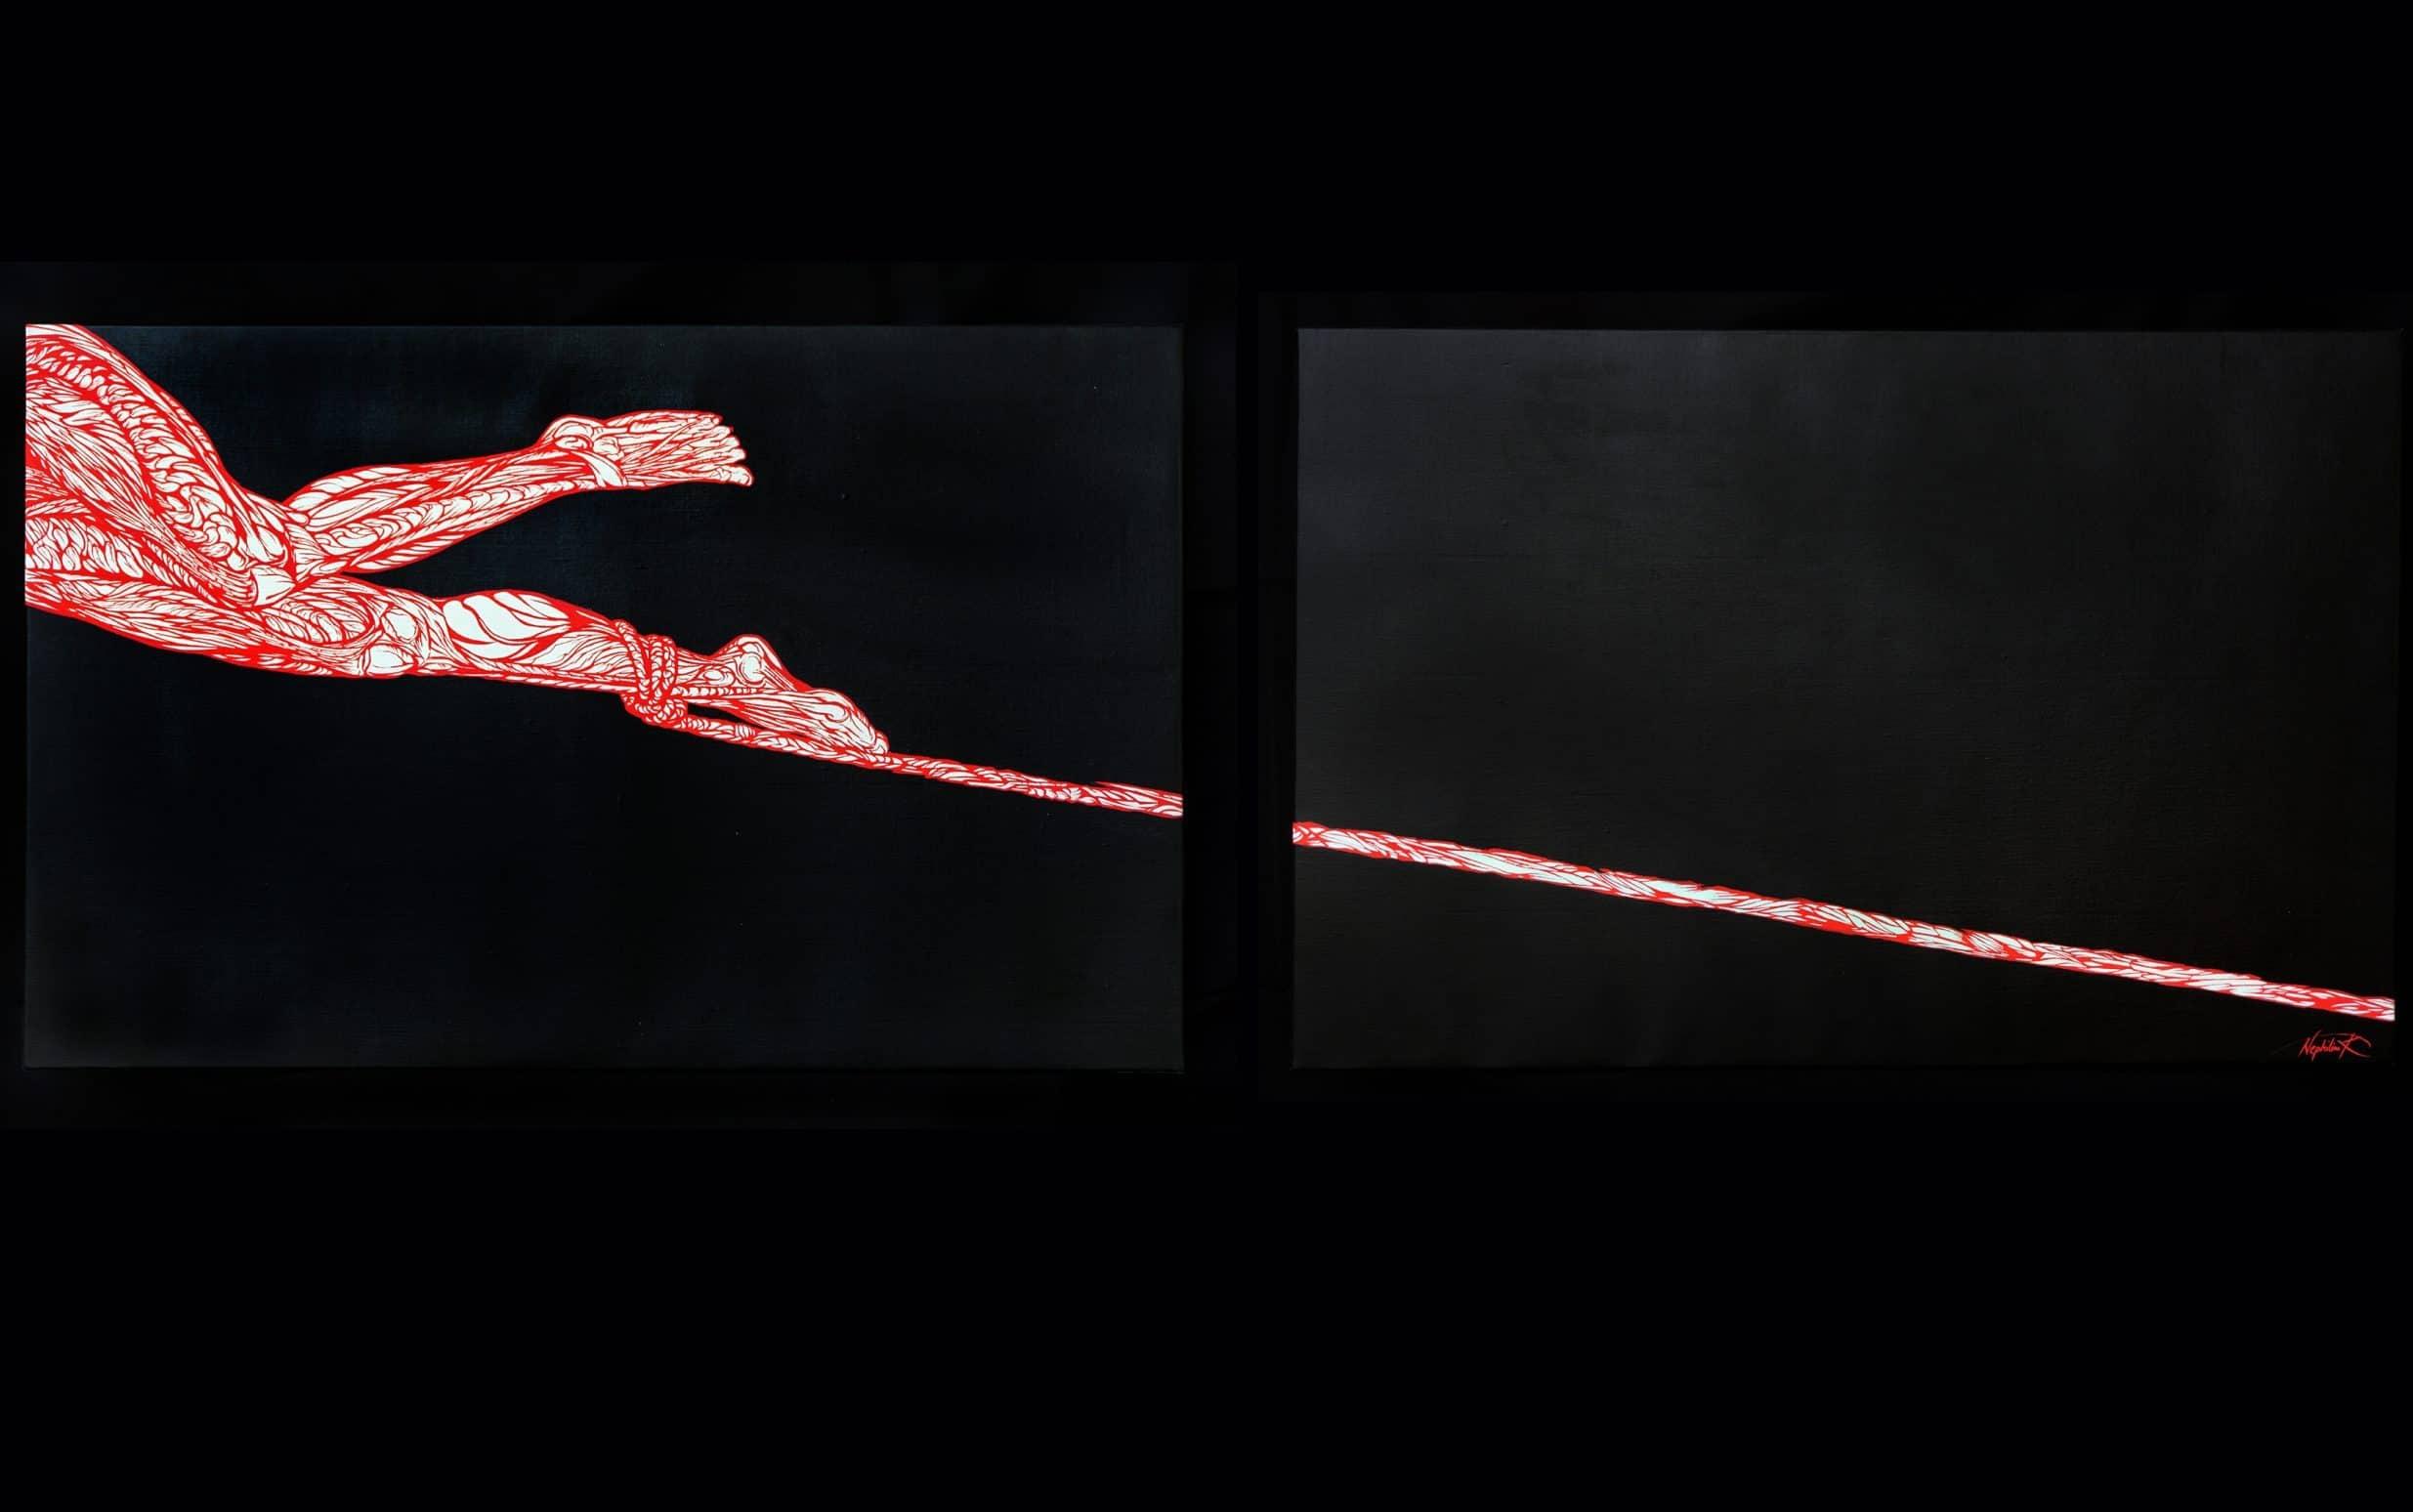 l-aiglon-tableau-diptyque-marie-catherine-arrighi-série-anatomie pour le-rouge-et-le-noir--extrait--livre-aiglon-edmond-rostand